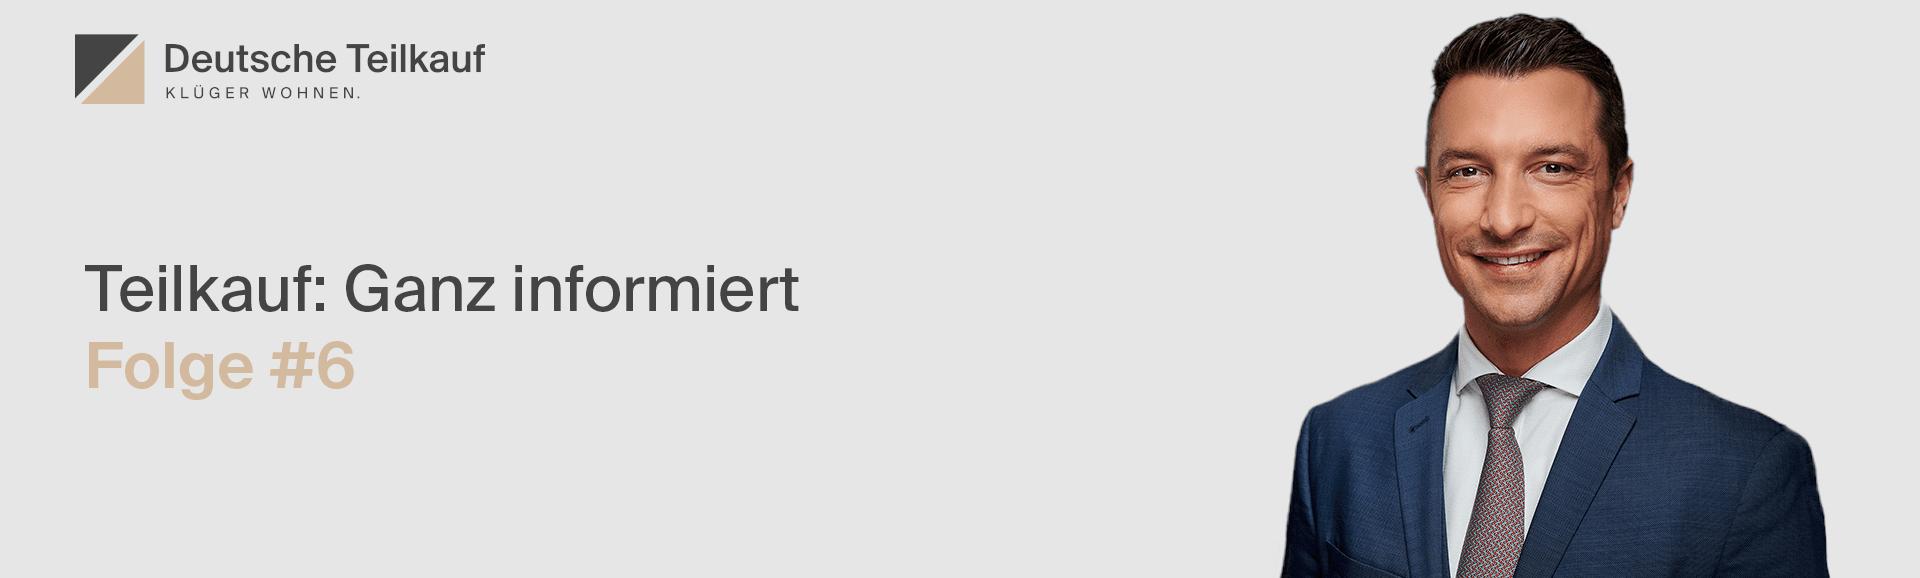 Deutsche Teilkauf: Ganz Informiert VLOG-Folge #6 - Familie Stüber und der Teilkauf